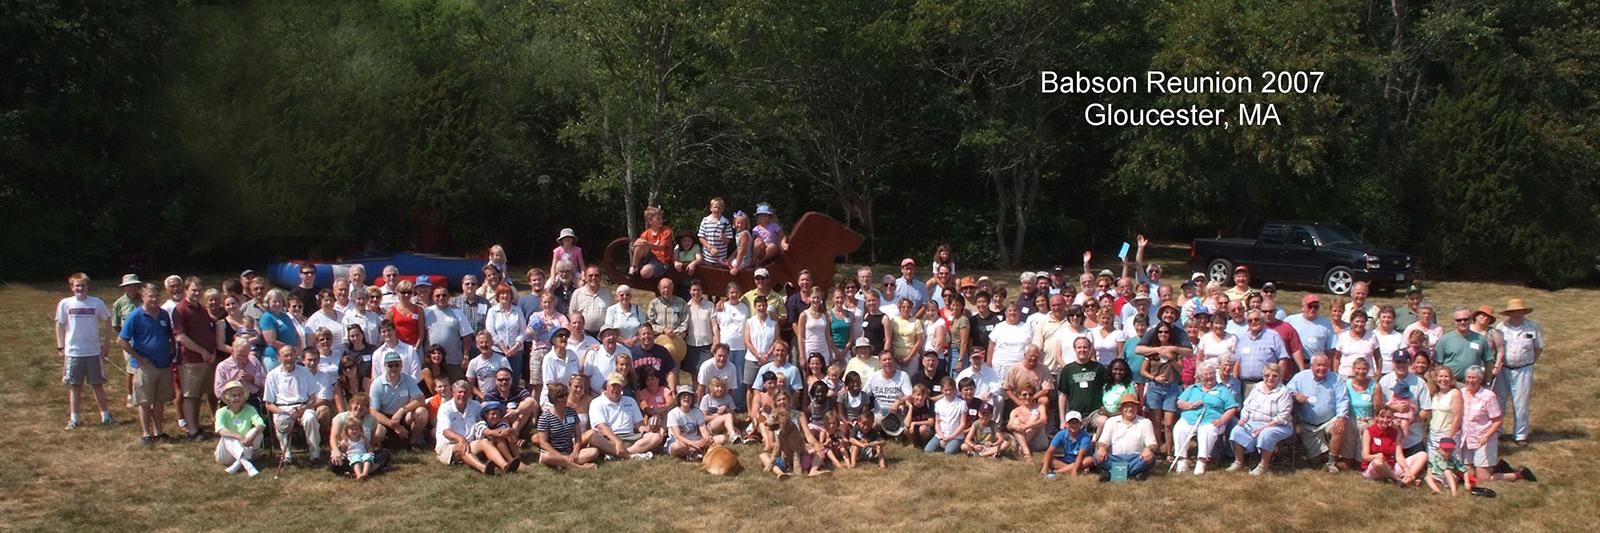 2007 Babson Reunion